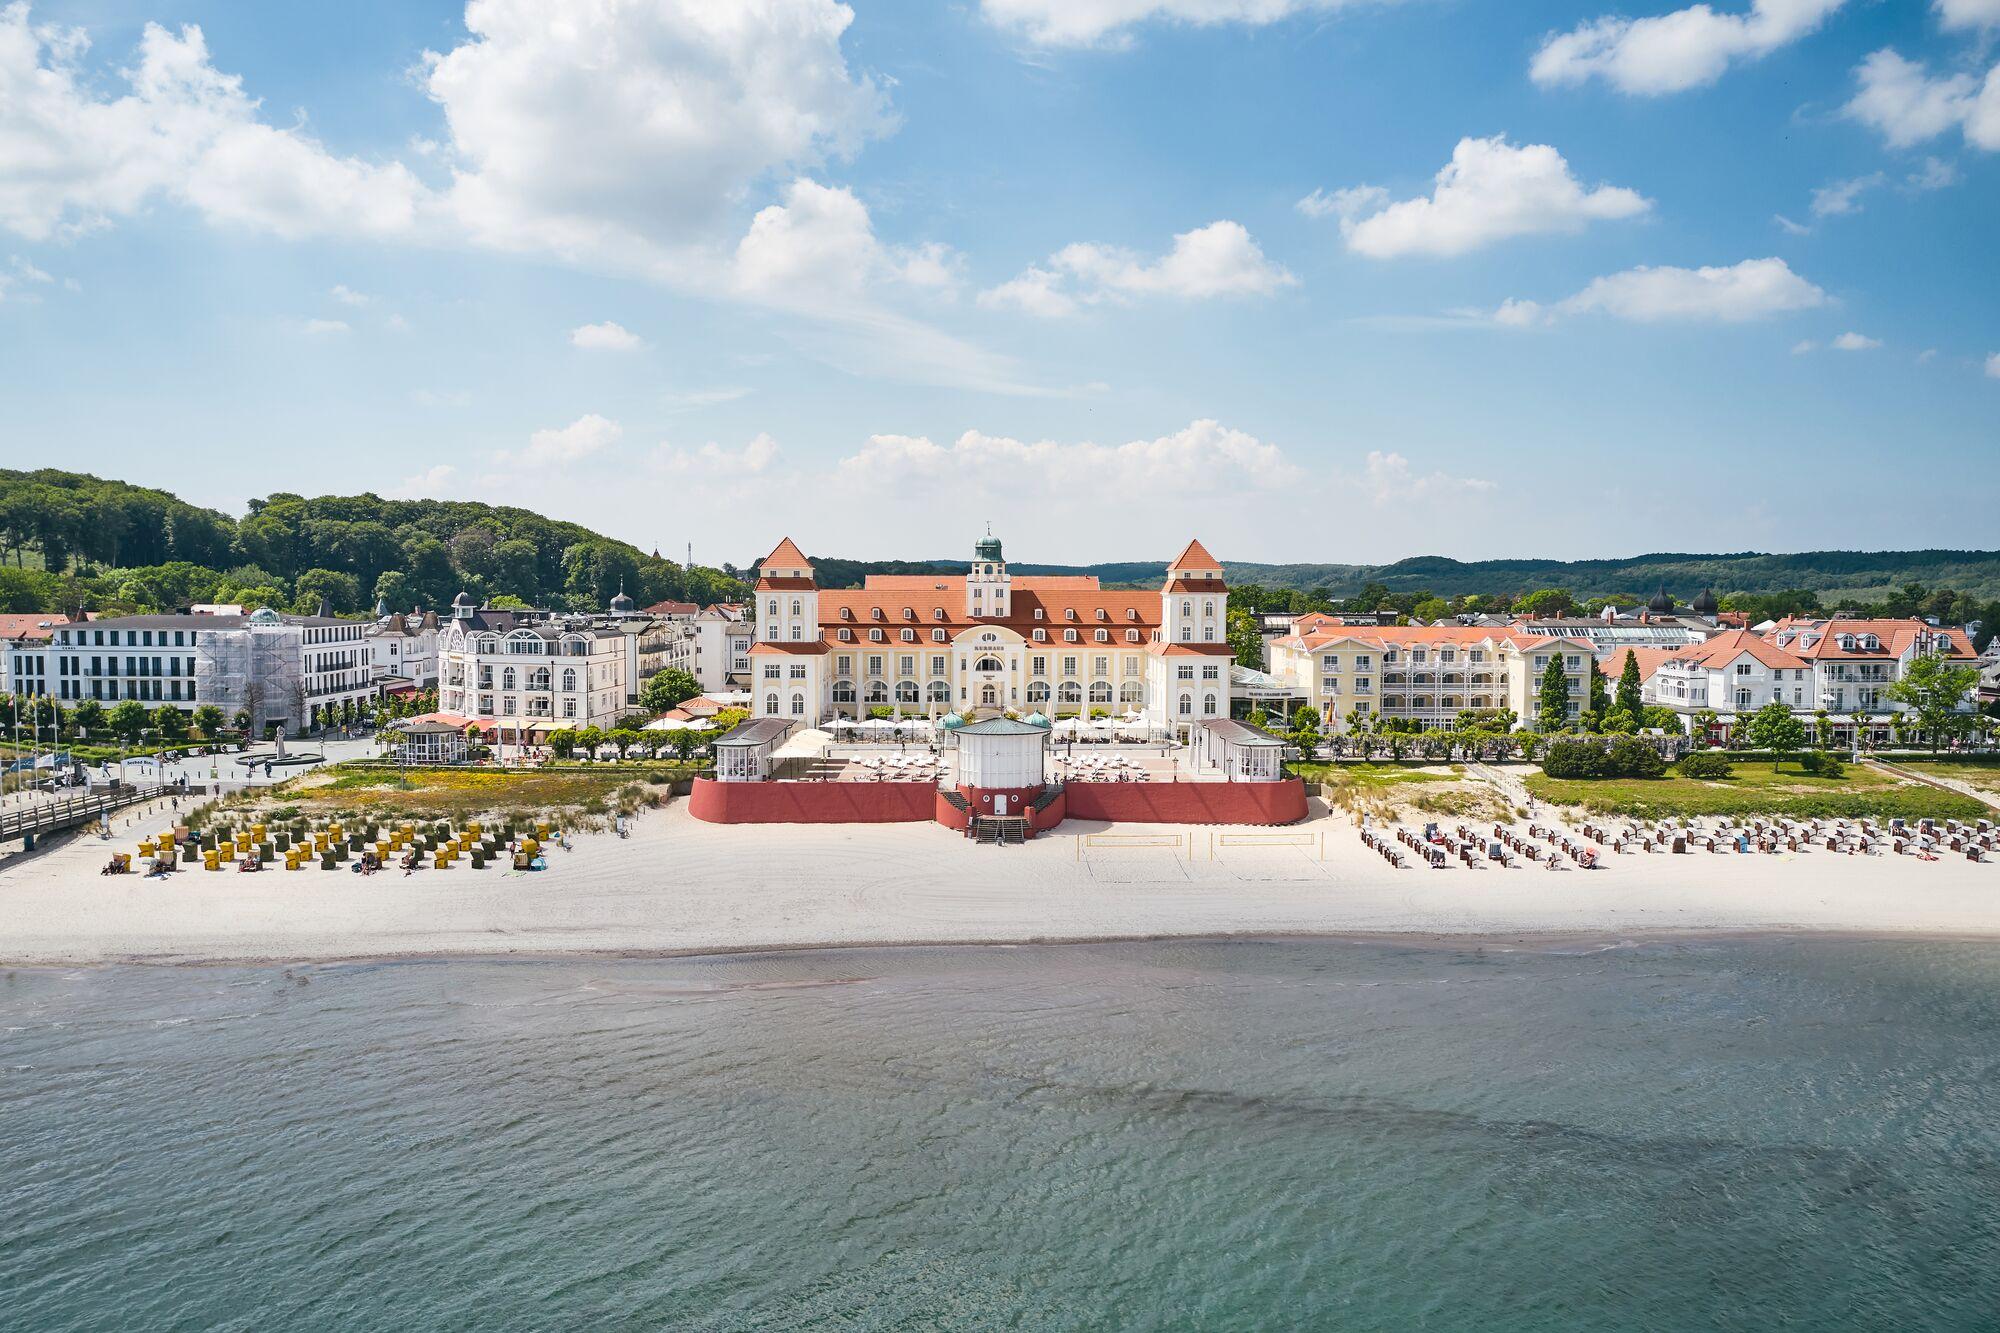 hotel travel charme kurhaus binz in binz auf r gen holidaycheck mecklenburg vorpommern. Black Bedroom Furniture Sets. Home Design Ideas